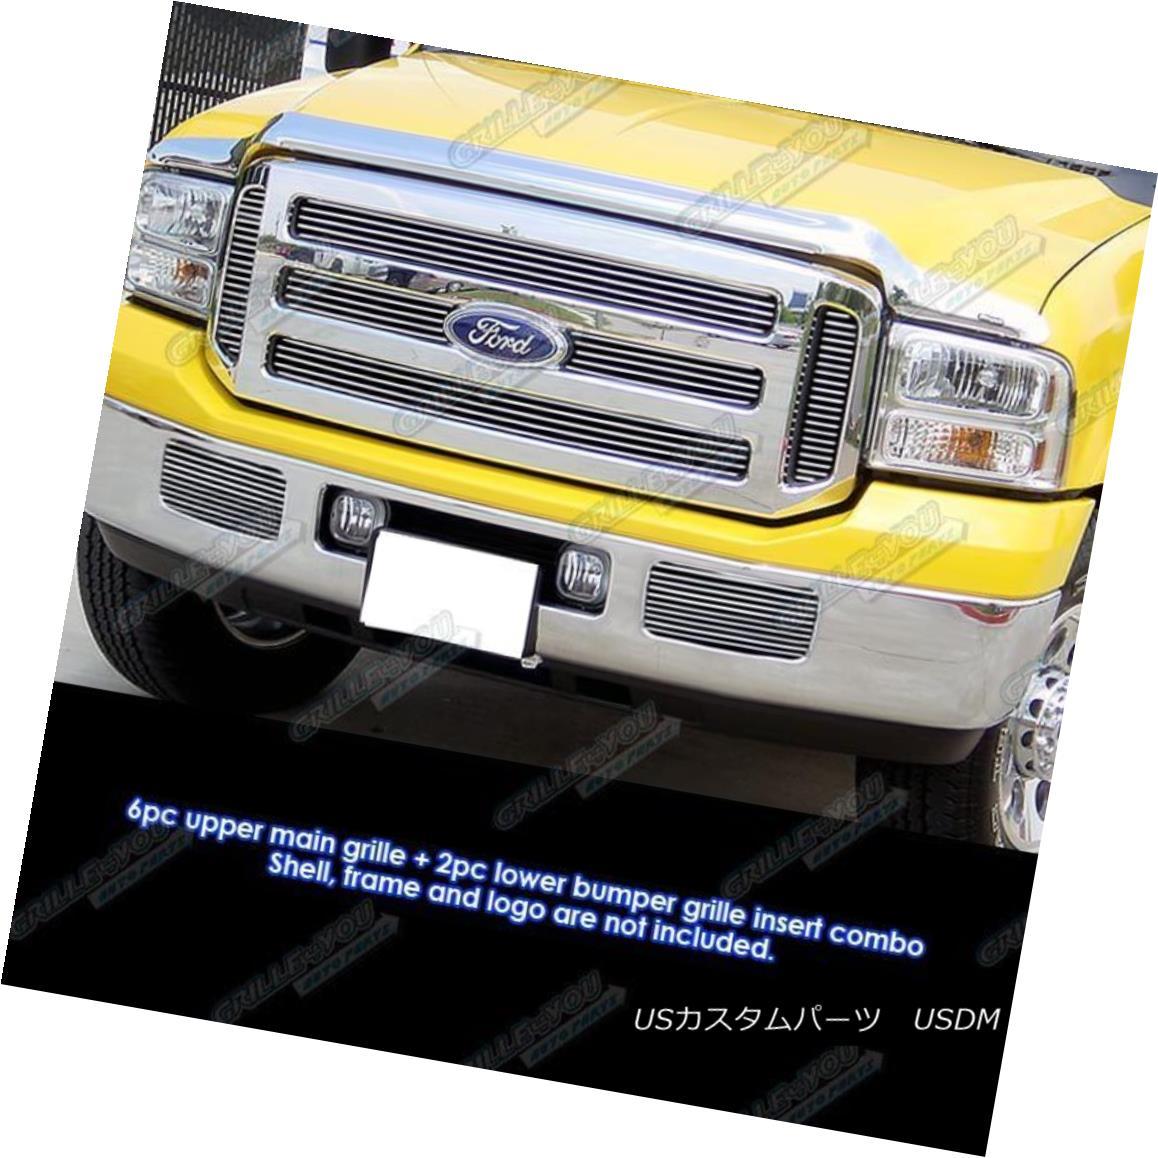 グリル Fits 2005-2007 Ford F-250/F-350/05 Excursion Billet Grille Combo フィット2005-2007フォードF-250 / F-350/05エクスカーションビレットグリルコンボ